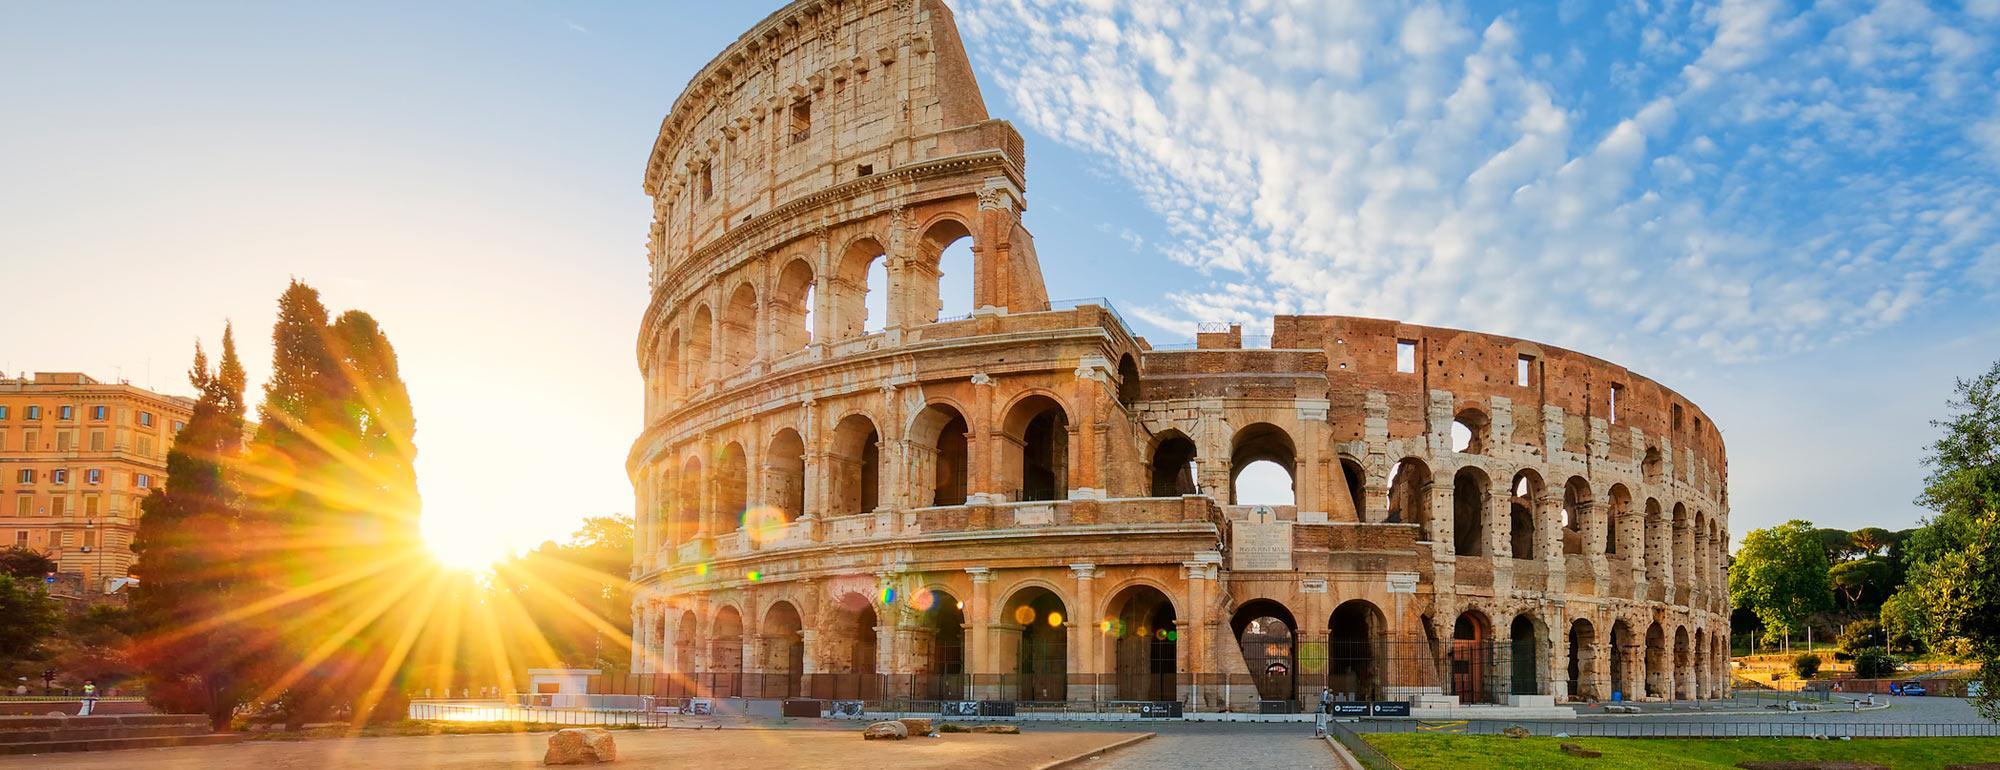 البحث عن عمل في إيطاليا و عقود العمل في إيطاليا لعام 2021